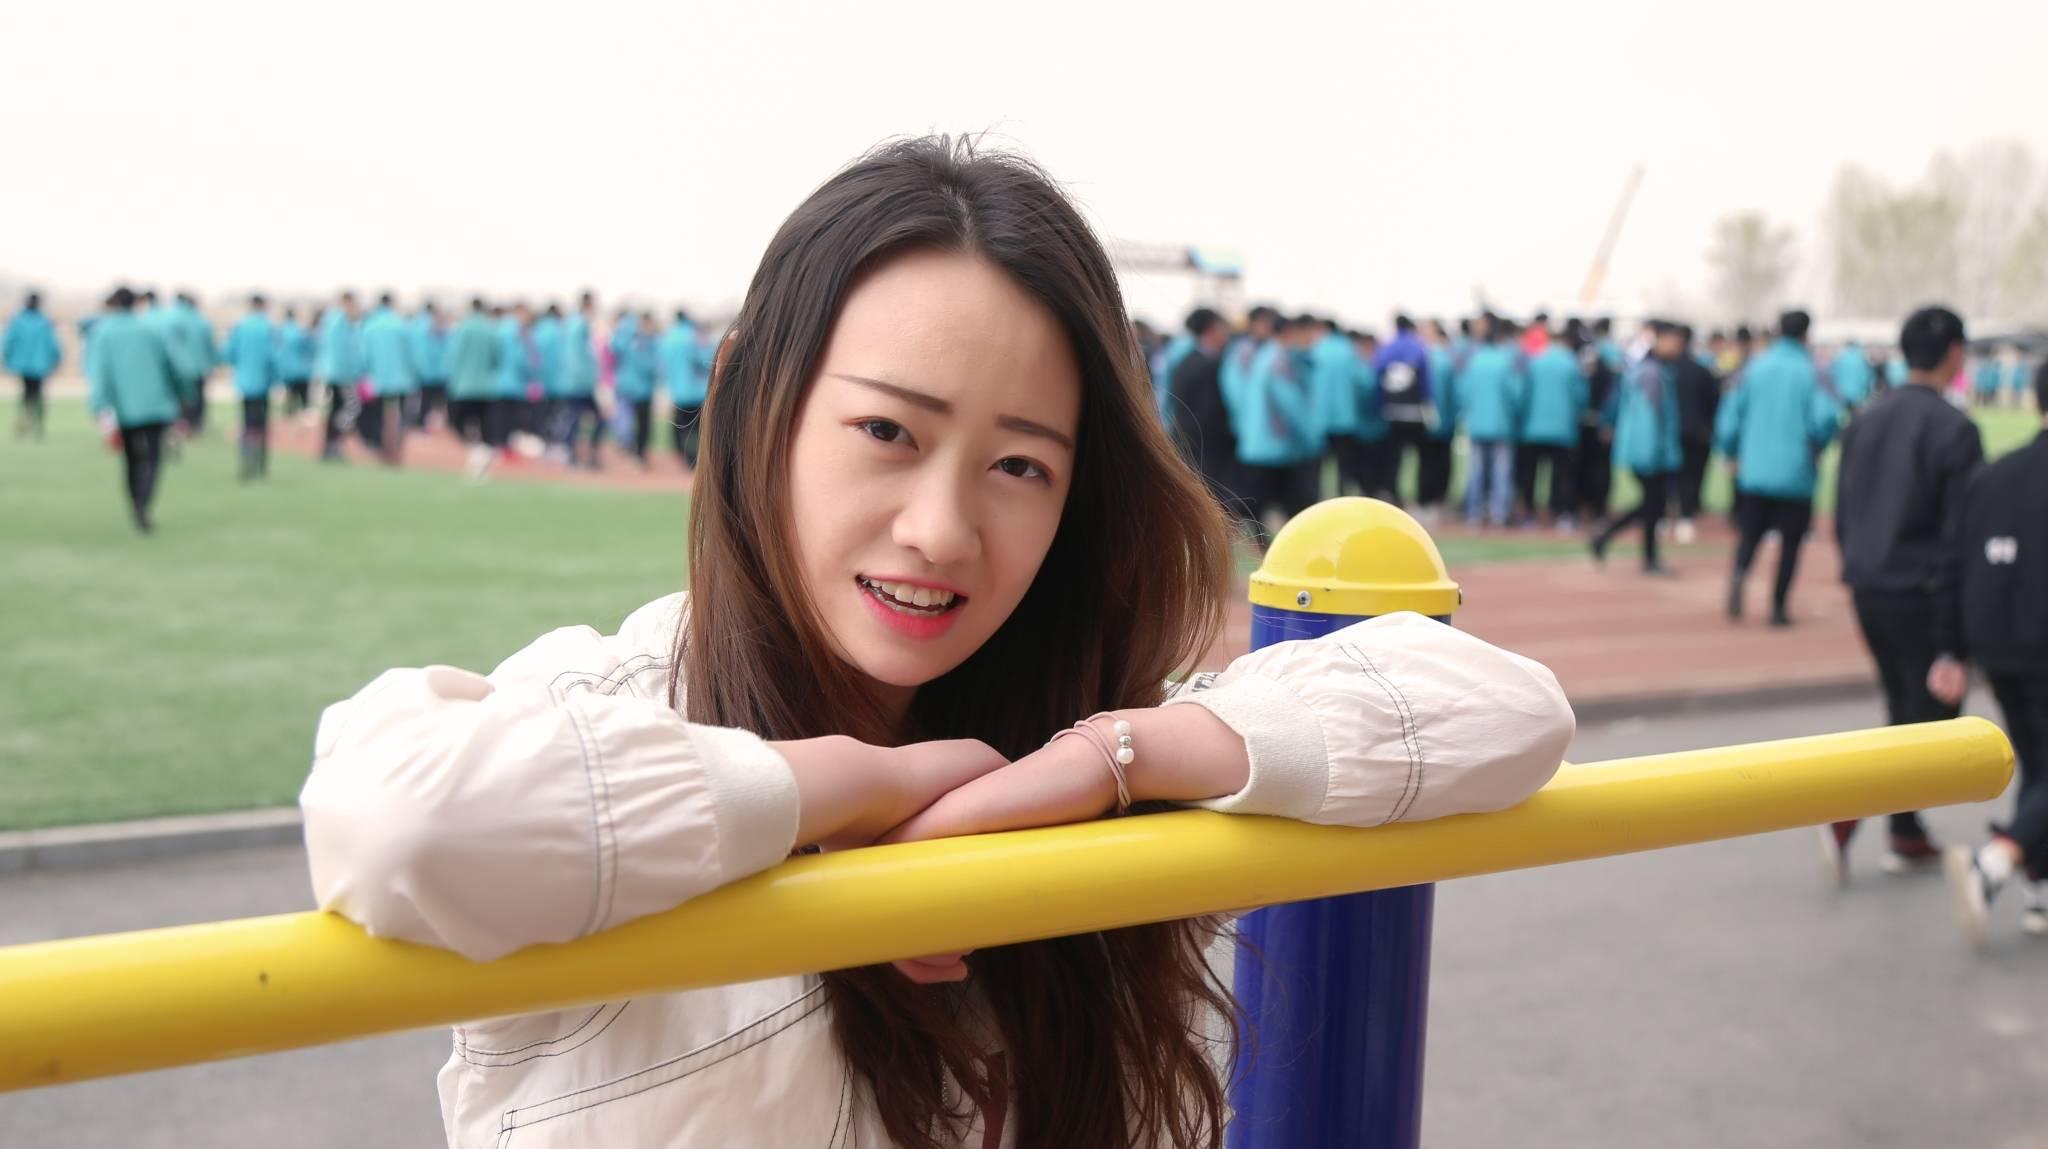 【新生故事】刘欣绘,在抉择中奋力前行